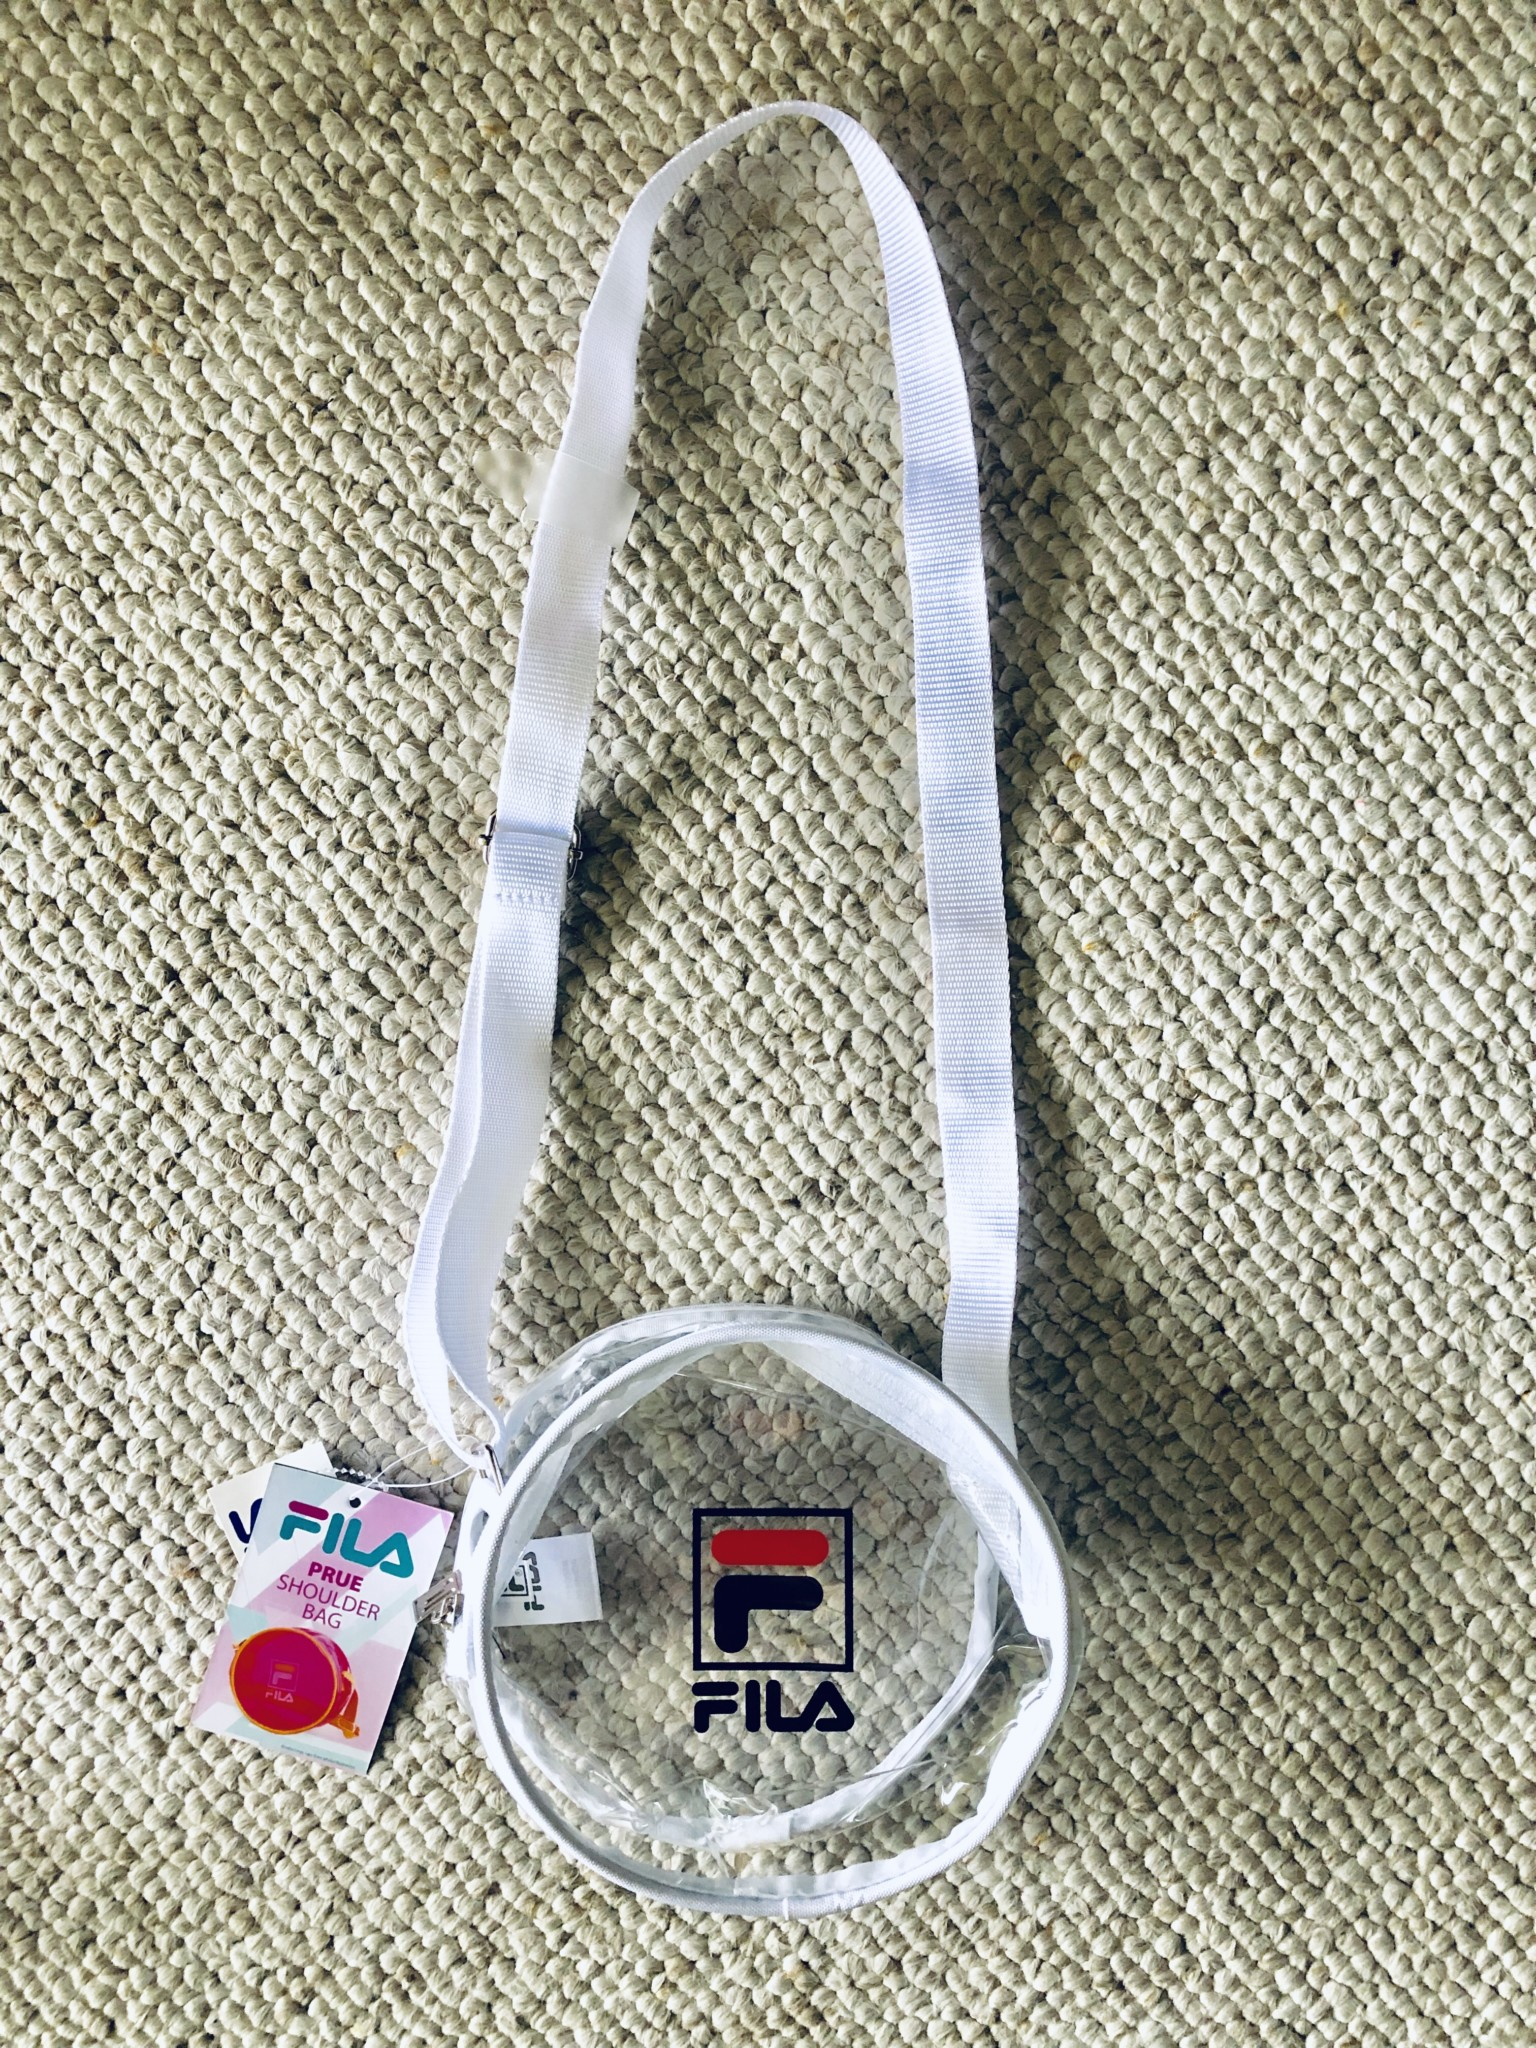 Petit sac transparent FILA que j'aimais bien, mais surtout pour son prix de 7,99$ alors gentiment retourné.